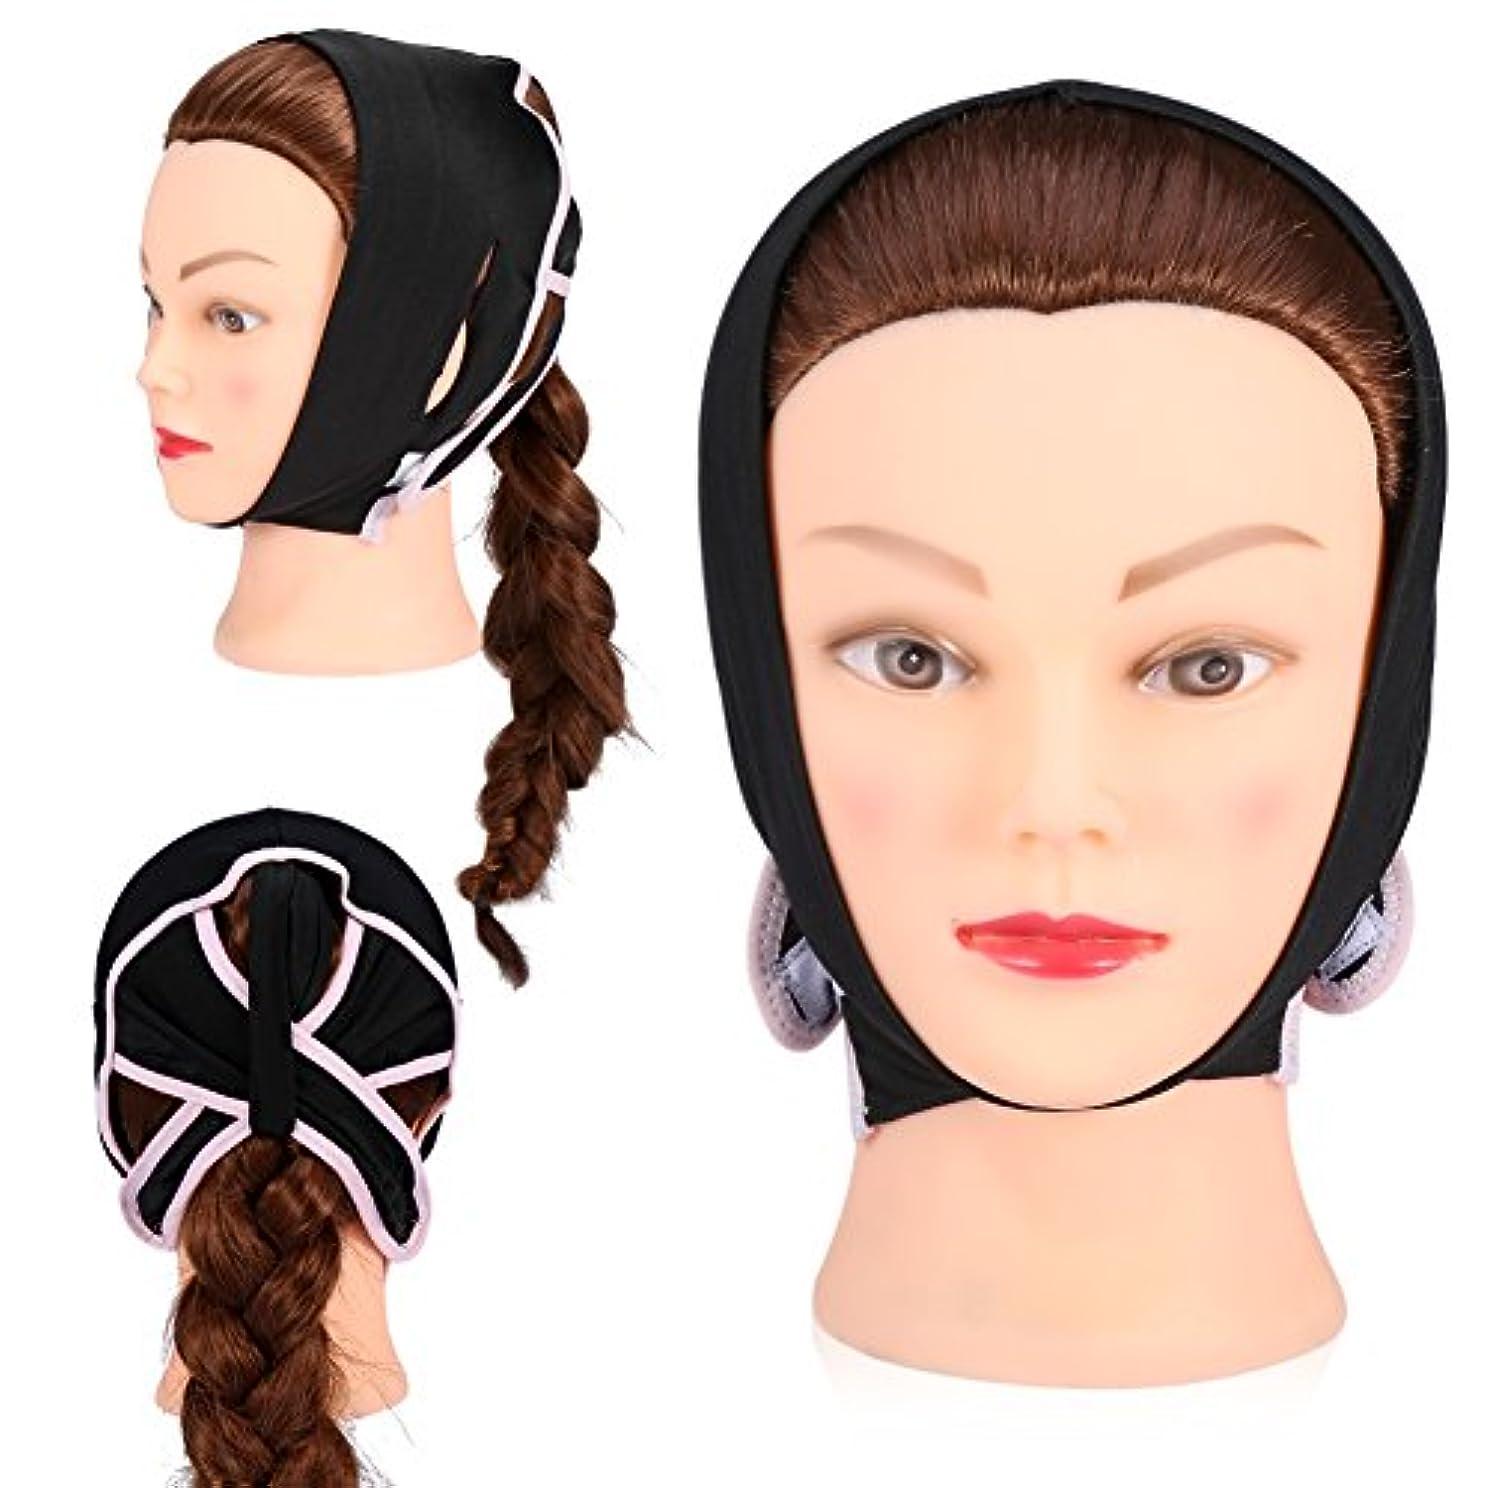 素晴らしき太陽ブロッサムフェイスケアのための顔面V字型包帯フェイシャルスリミングマスク薄い首のフェイスリフトダブルチン女性用、黒(L)